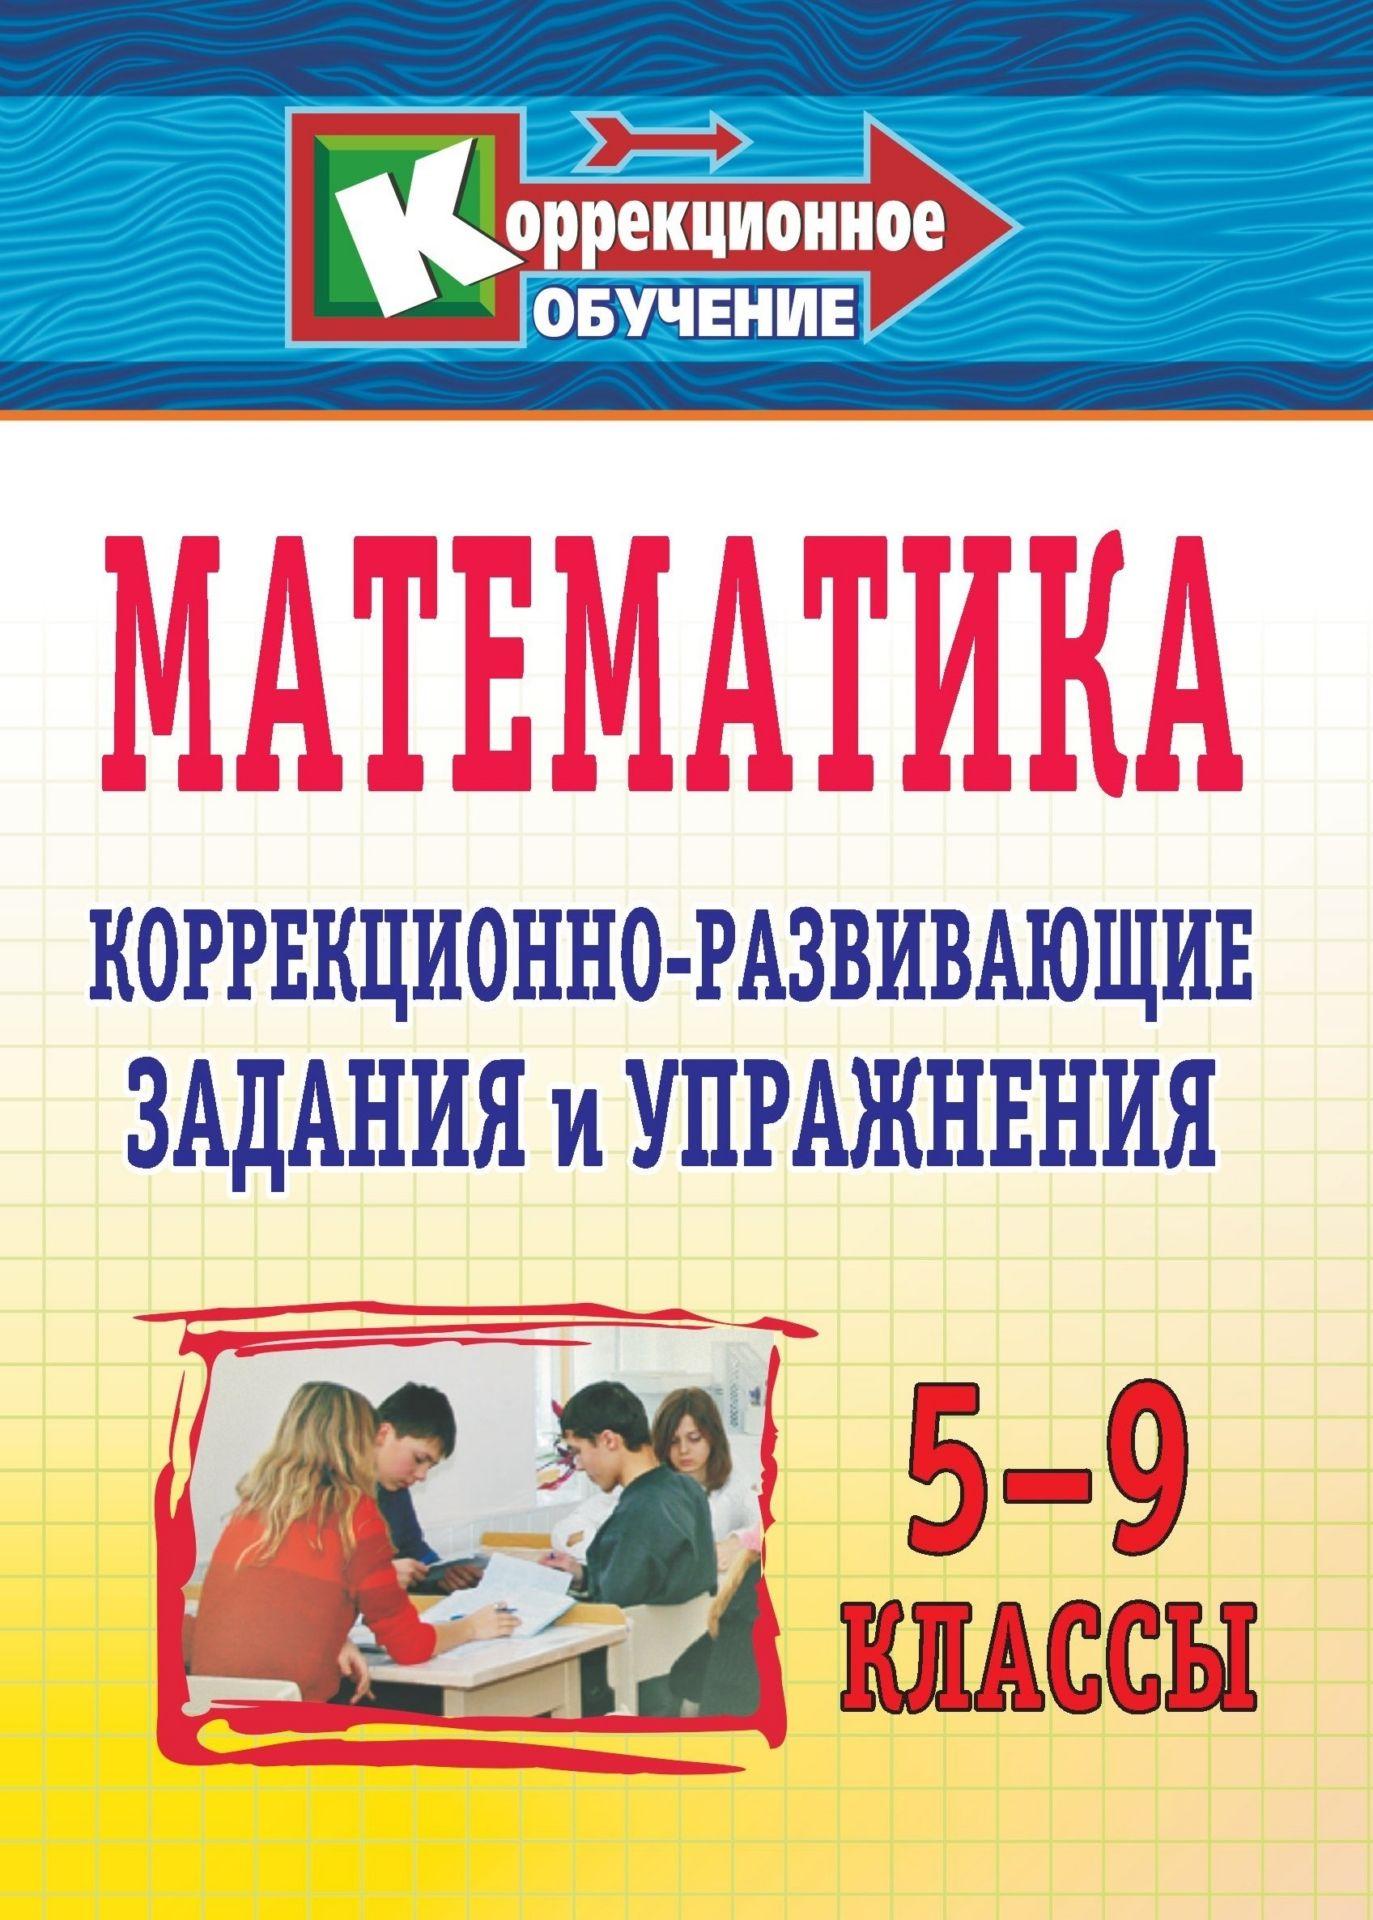 Математика. 5-9 классы: коррекционно-развивающие задания и упражненияКоррекционное обучение<br>Пособие предлагает практический материал (разноуровневые коррекционно-развивающие упражнения и задания) по курсу математики в 5-9 классах коррекционного обучения, который позволит учителю использовать его для отработки основных программных тем, для повыше...<br><br>Авторы: Степурина С. Е.<br>Год: 2009<br>Серия: Коррекционное обучение<br>ISBN: 978-5-7057-1707-1<br>Высота: 195<br>Ширина: 140<br>Толщина: 5